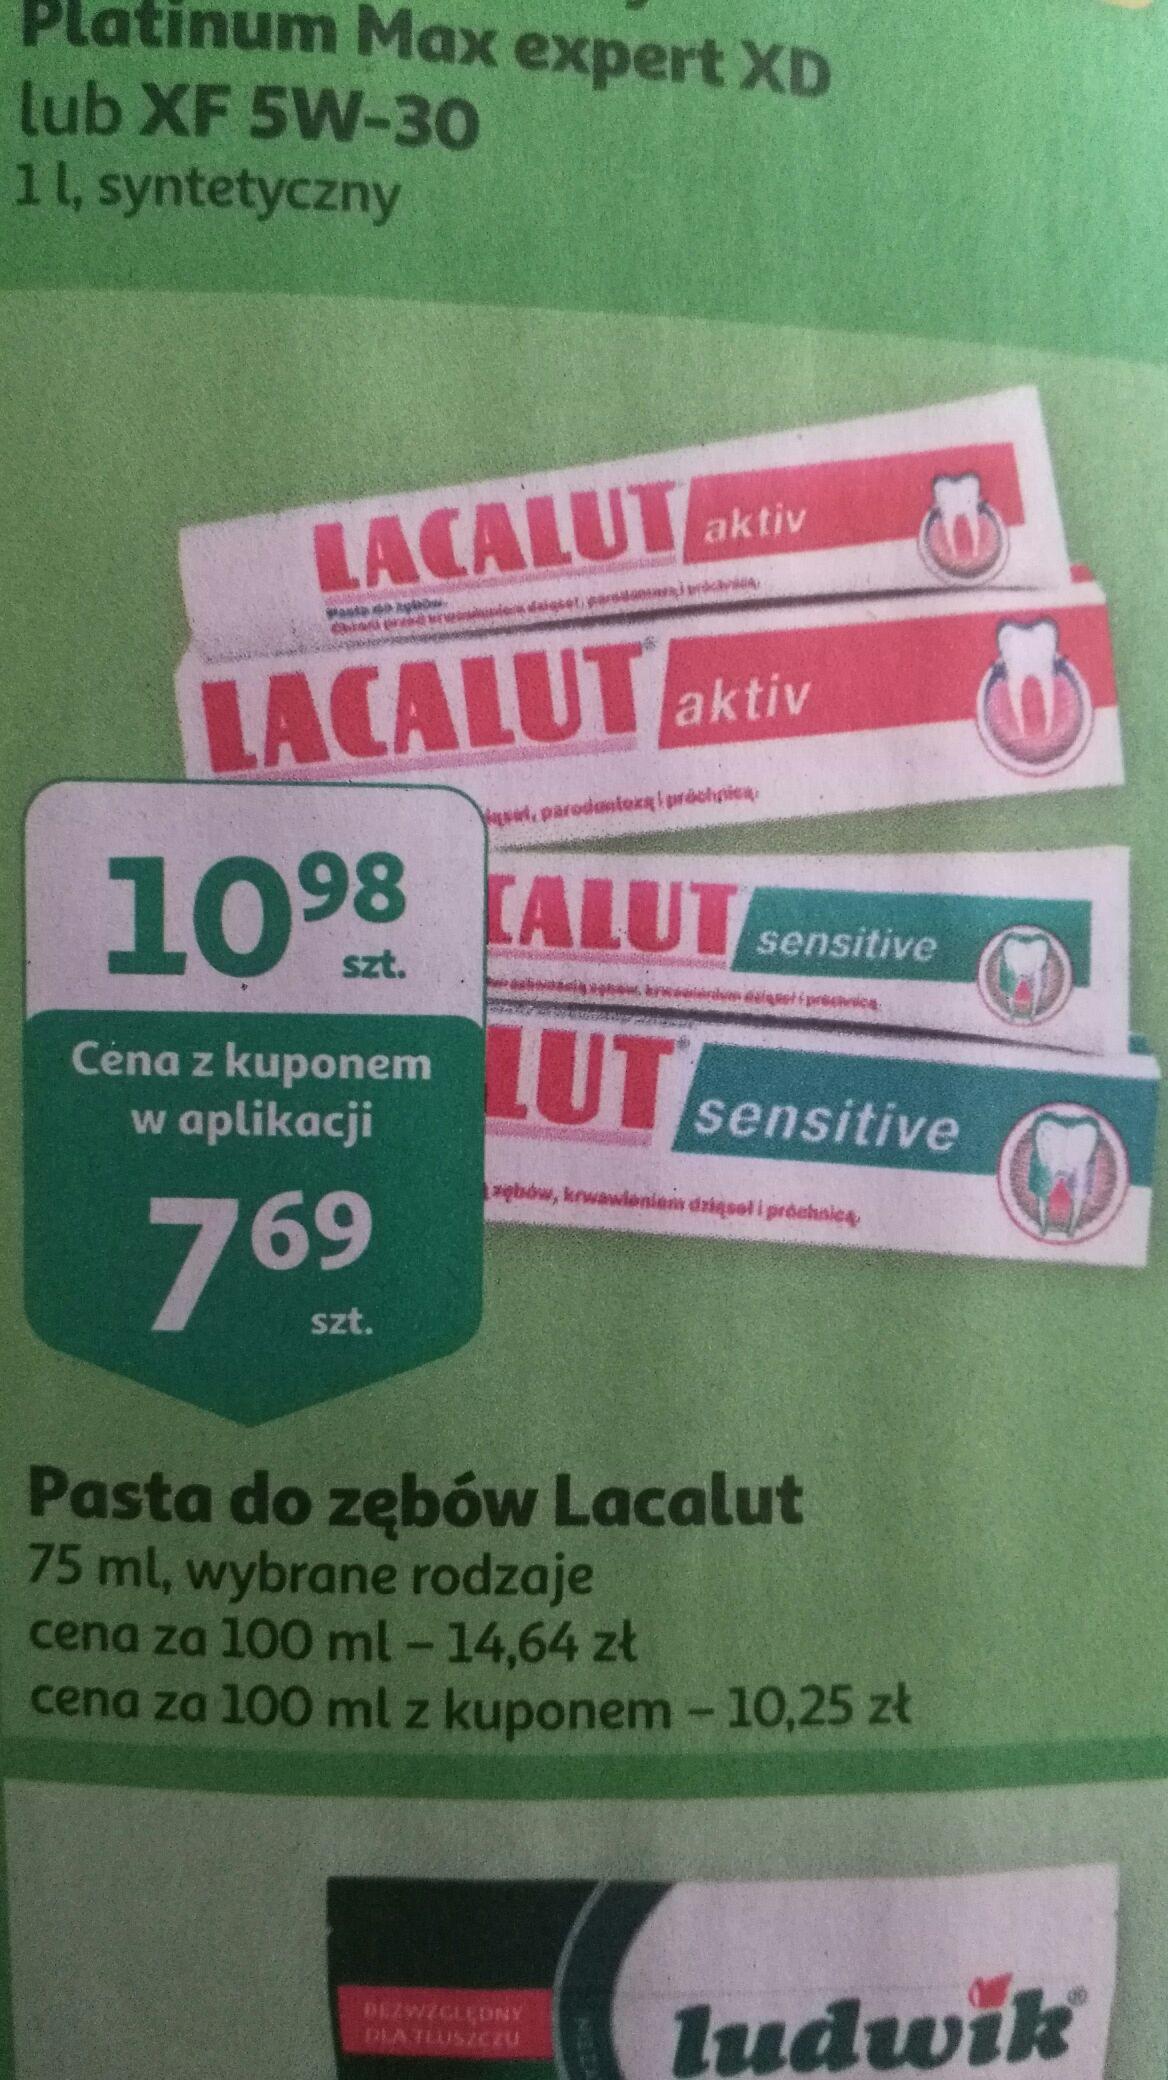 Pasta do zębów lacalut active i lacalut sensitive @auchan